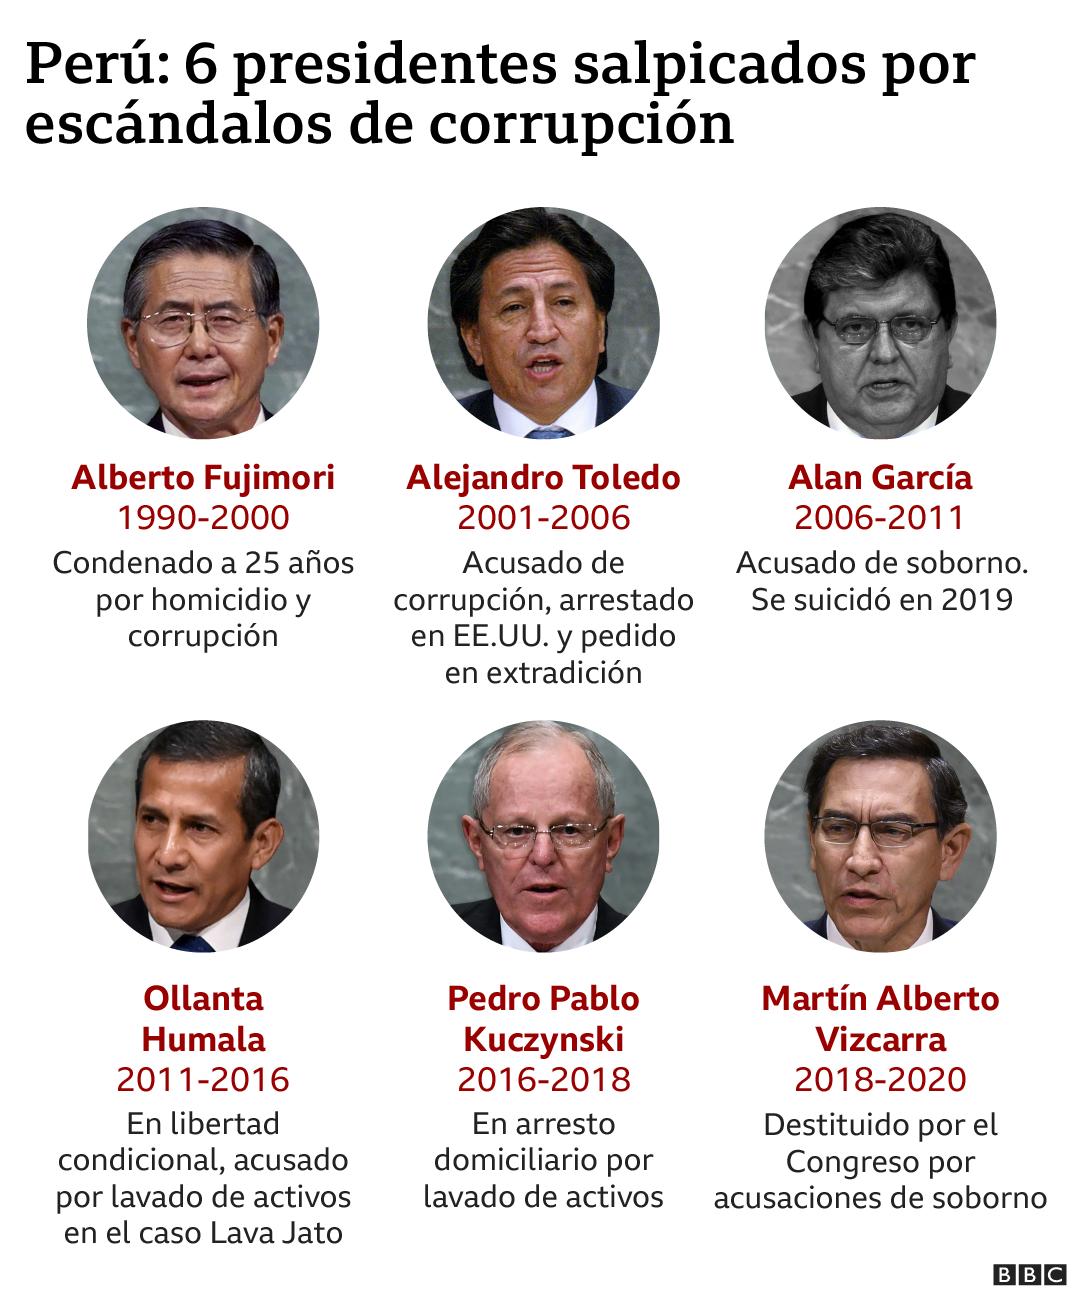 Inforgrafia de BBC Mundo sobre presidentes de Peru